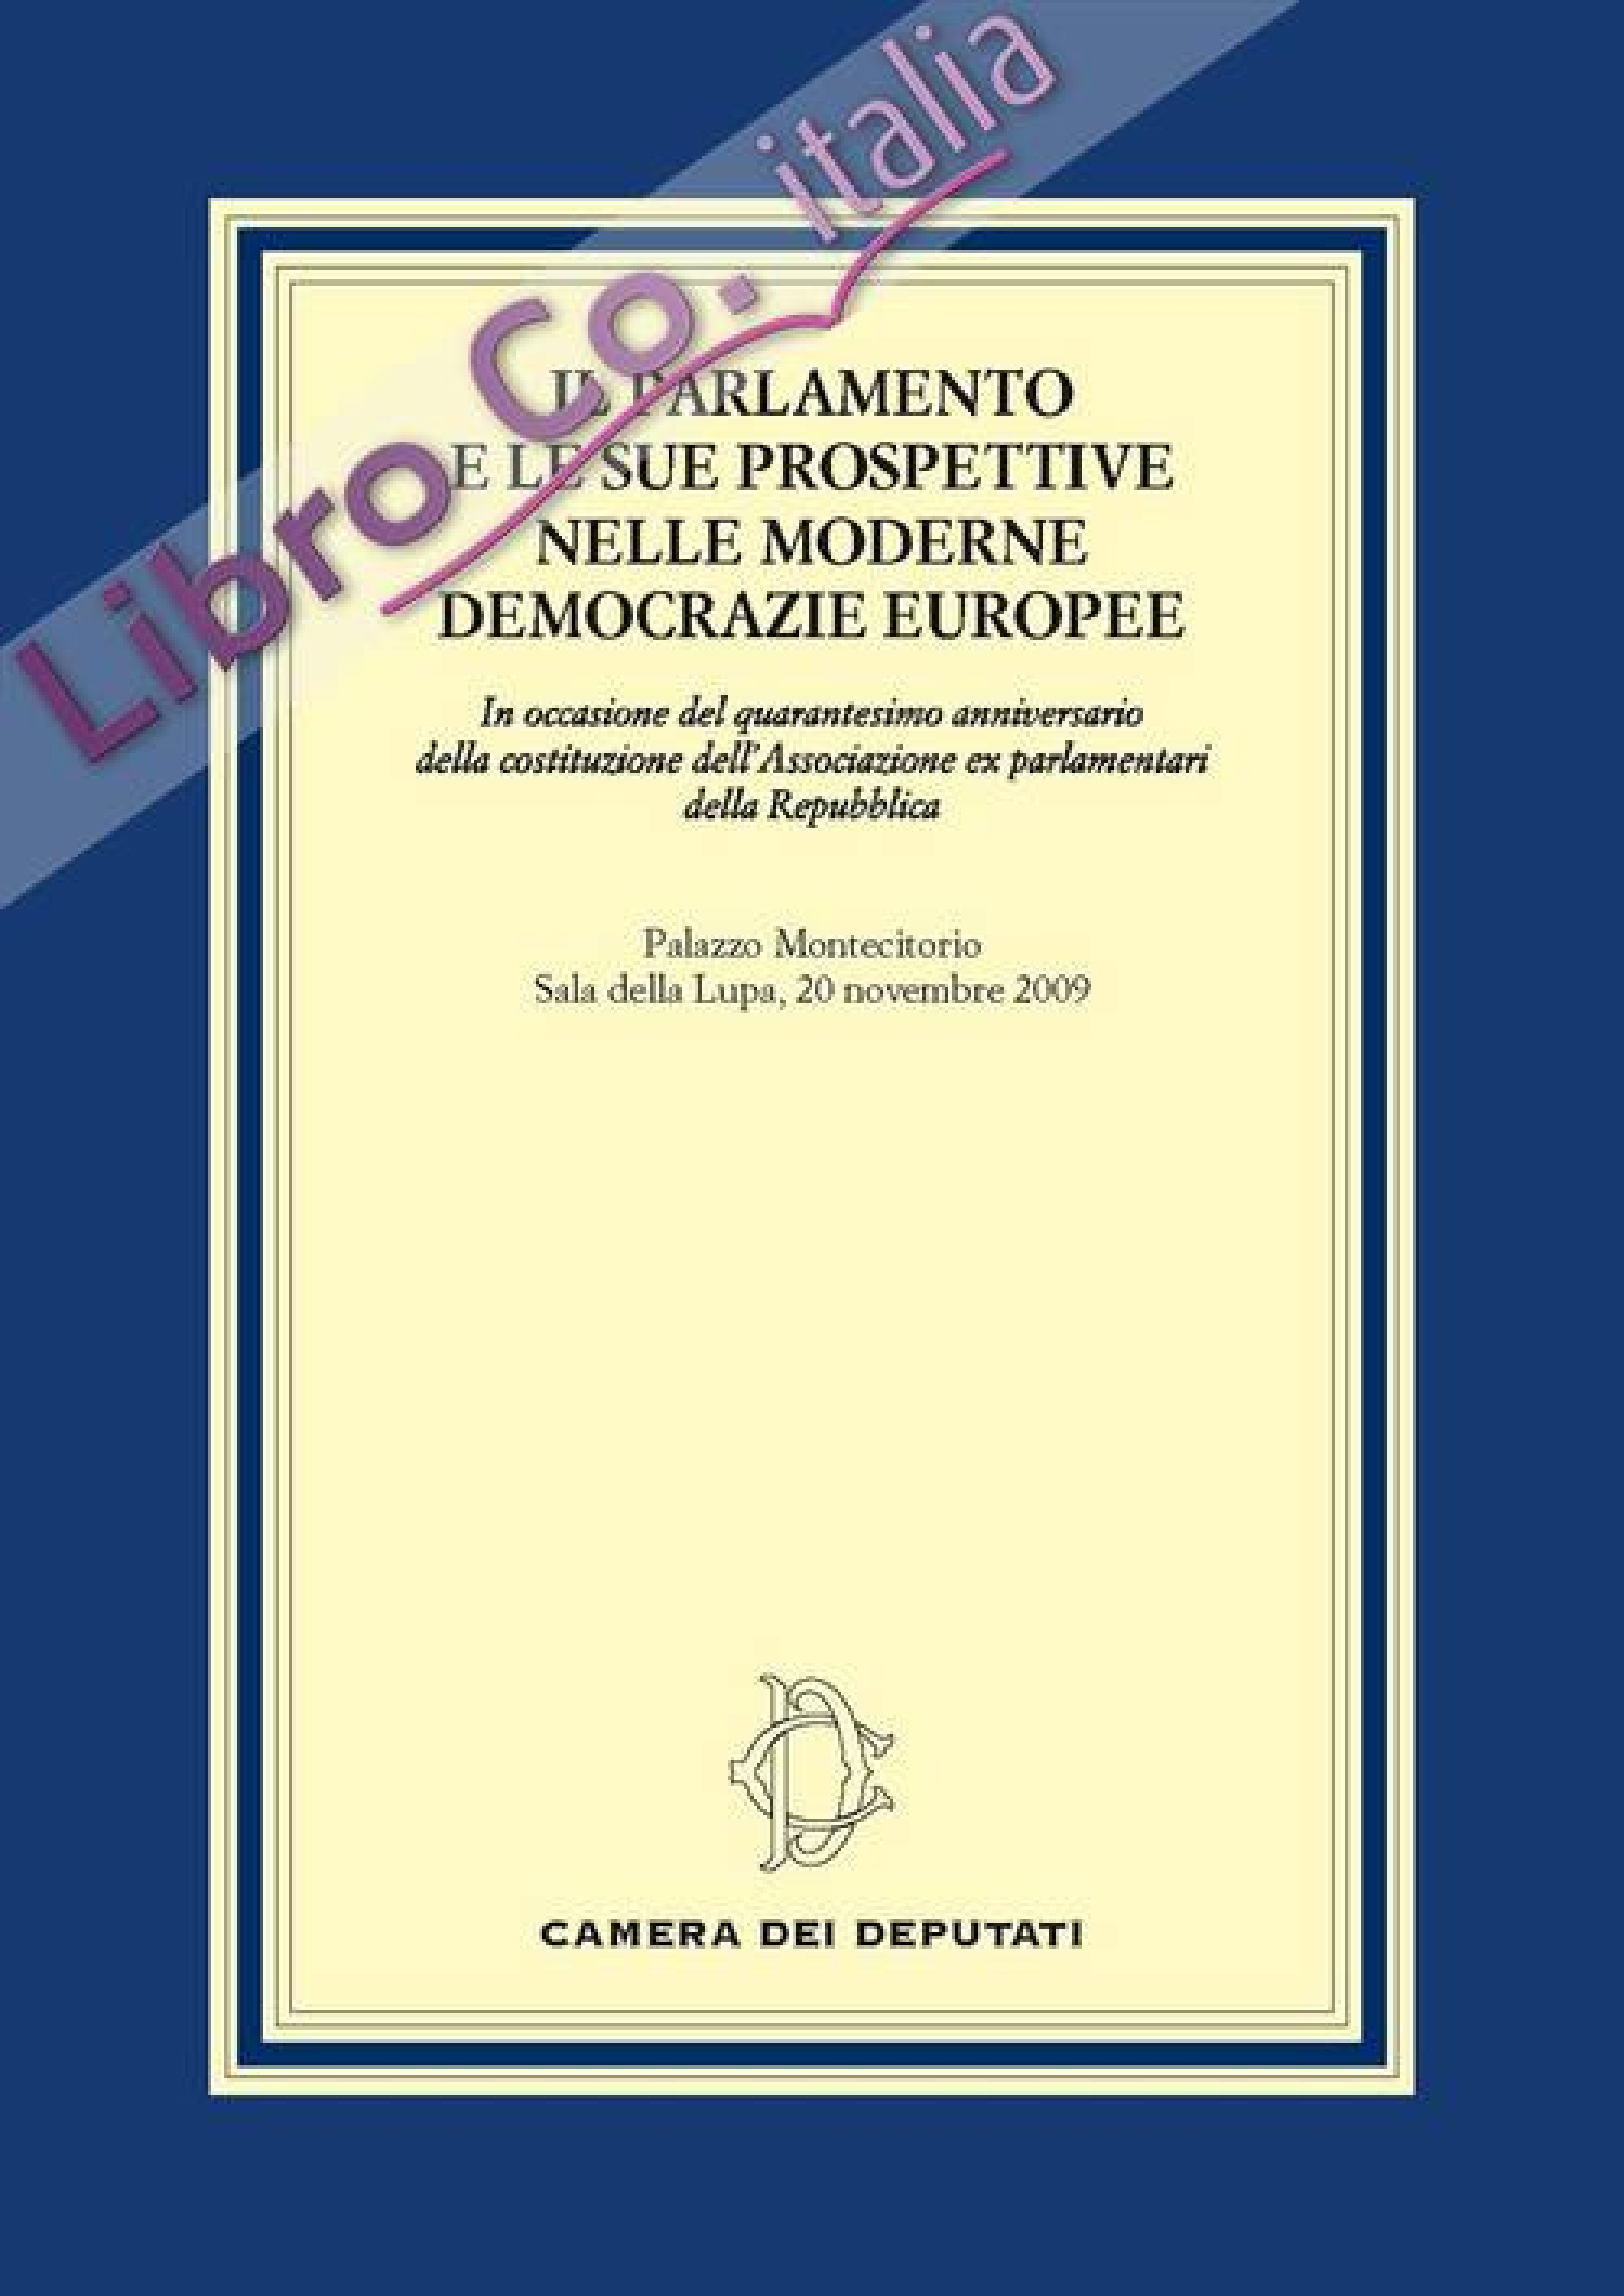 Il Parlamento e le sue prospettive nelle moderne democrazie europee